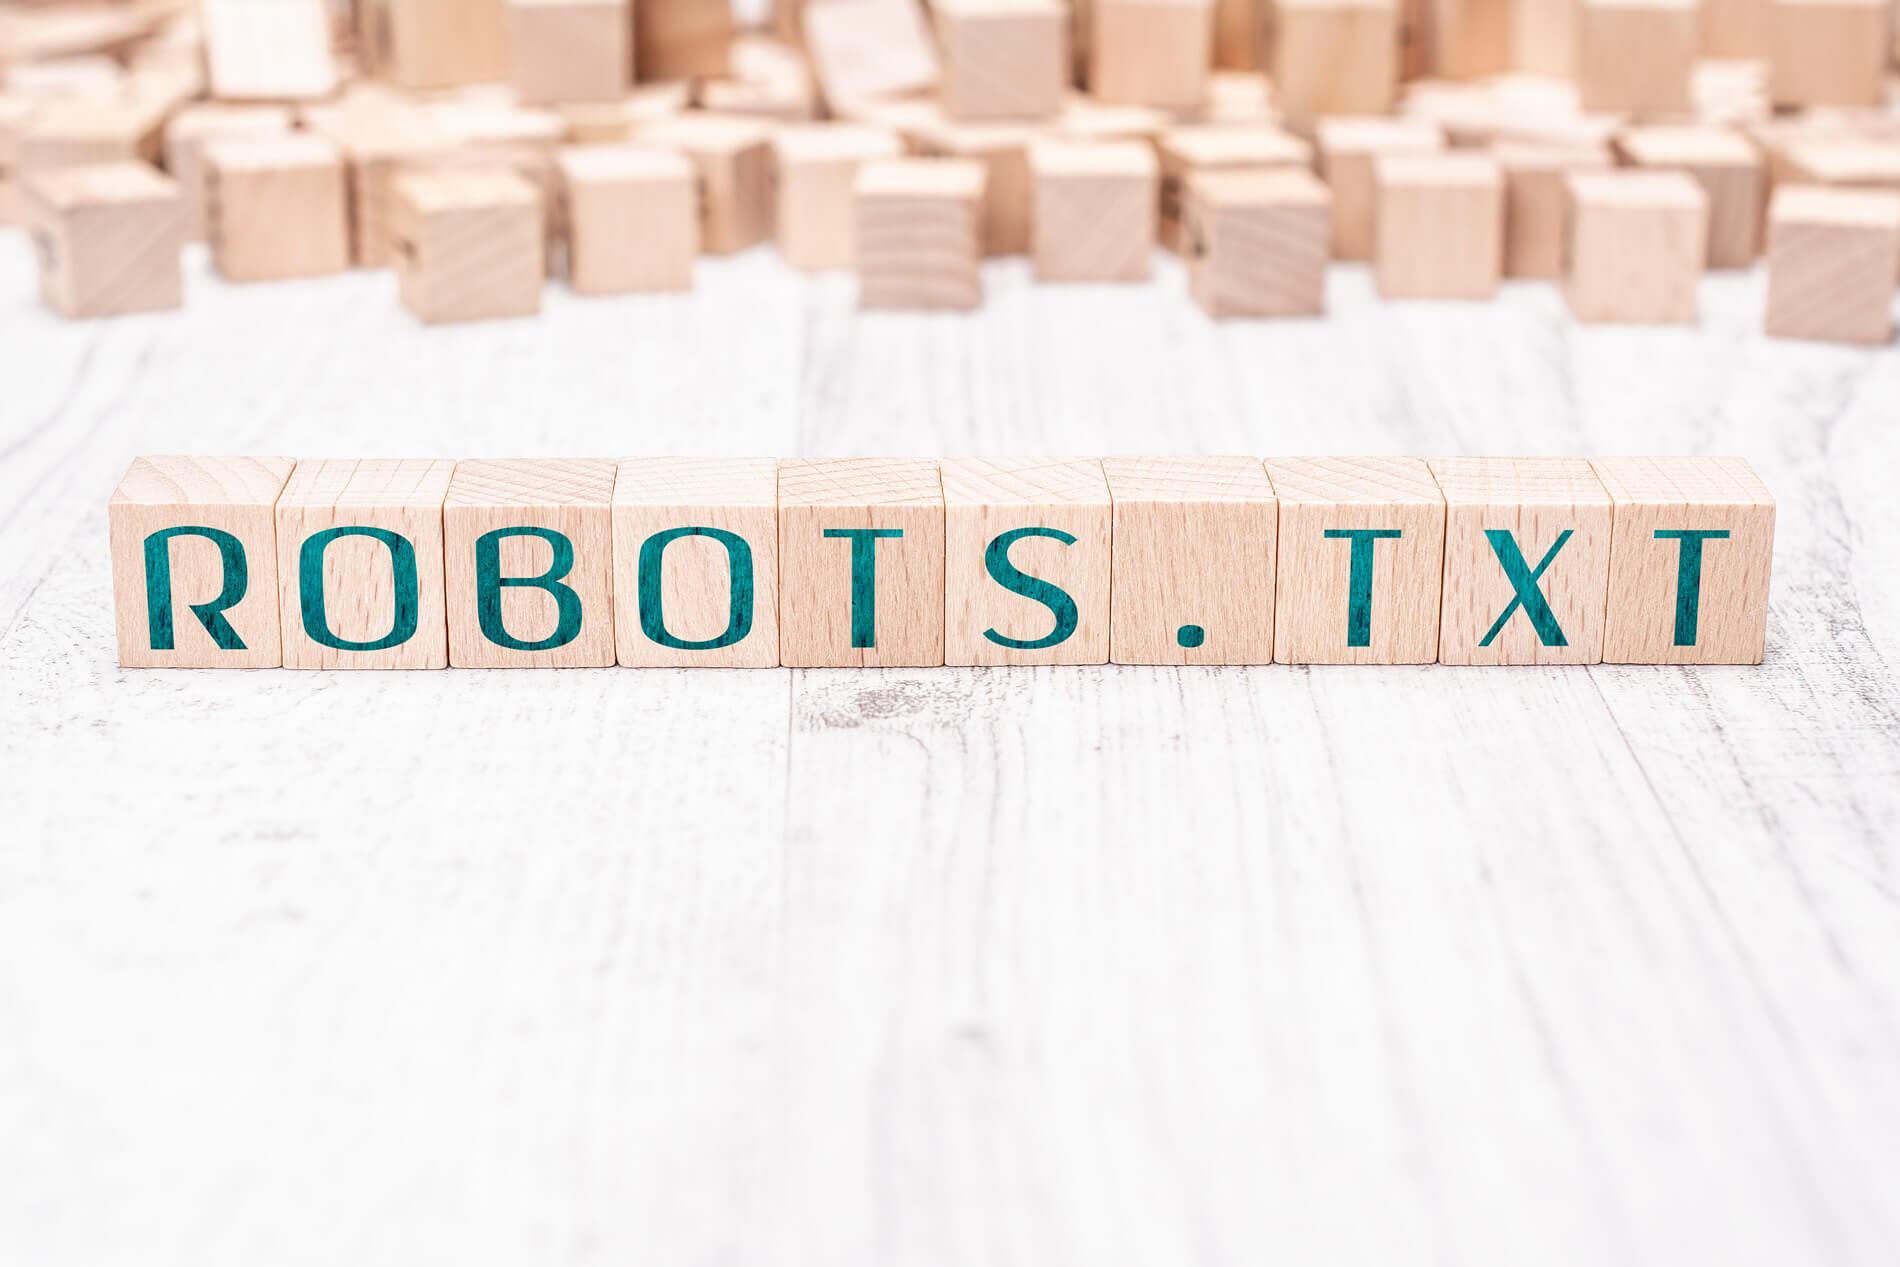 Die robots.txt zeigt jedem Crawler(Spider) den Weg